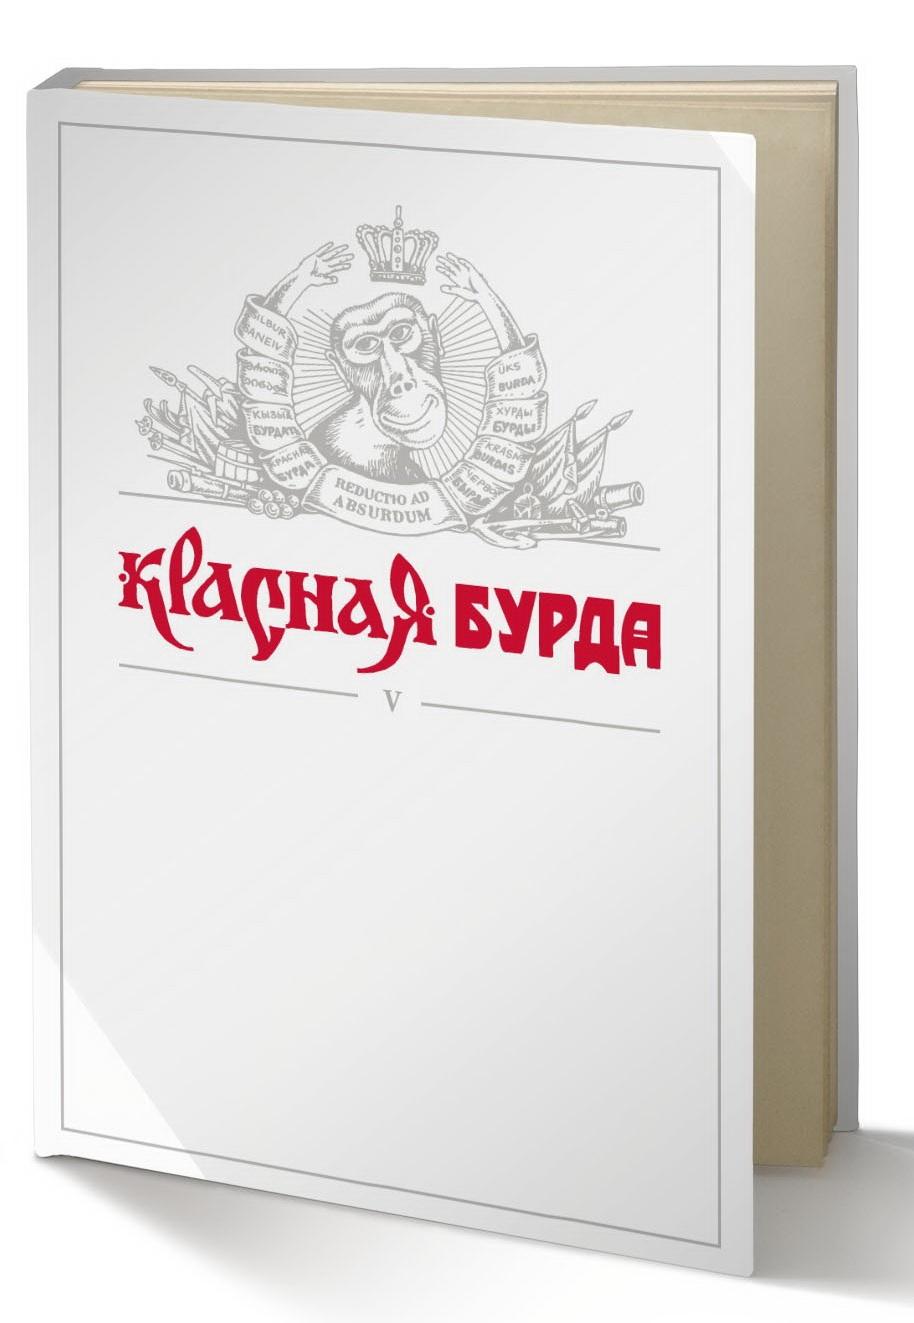 https://shop.krasnayaburda.ru/knizhnyy-mir-kb/polnoe-sobranie-sochineniy-krasnoy-burdy/